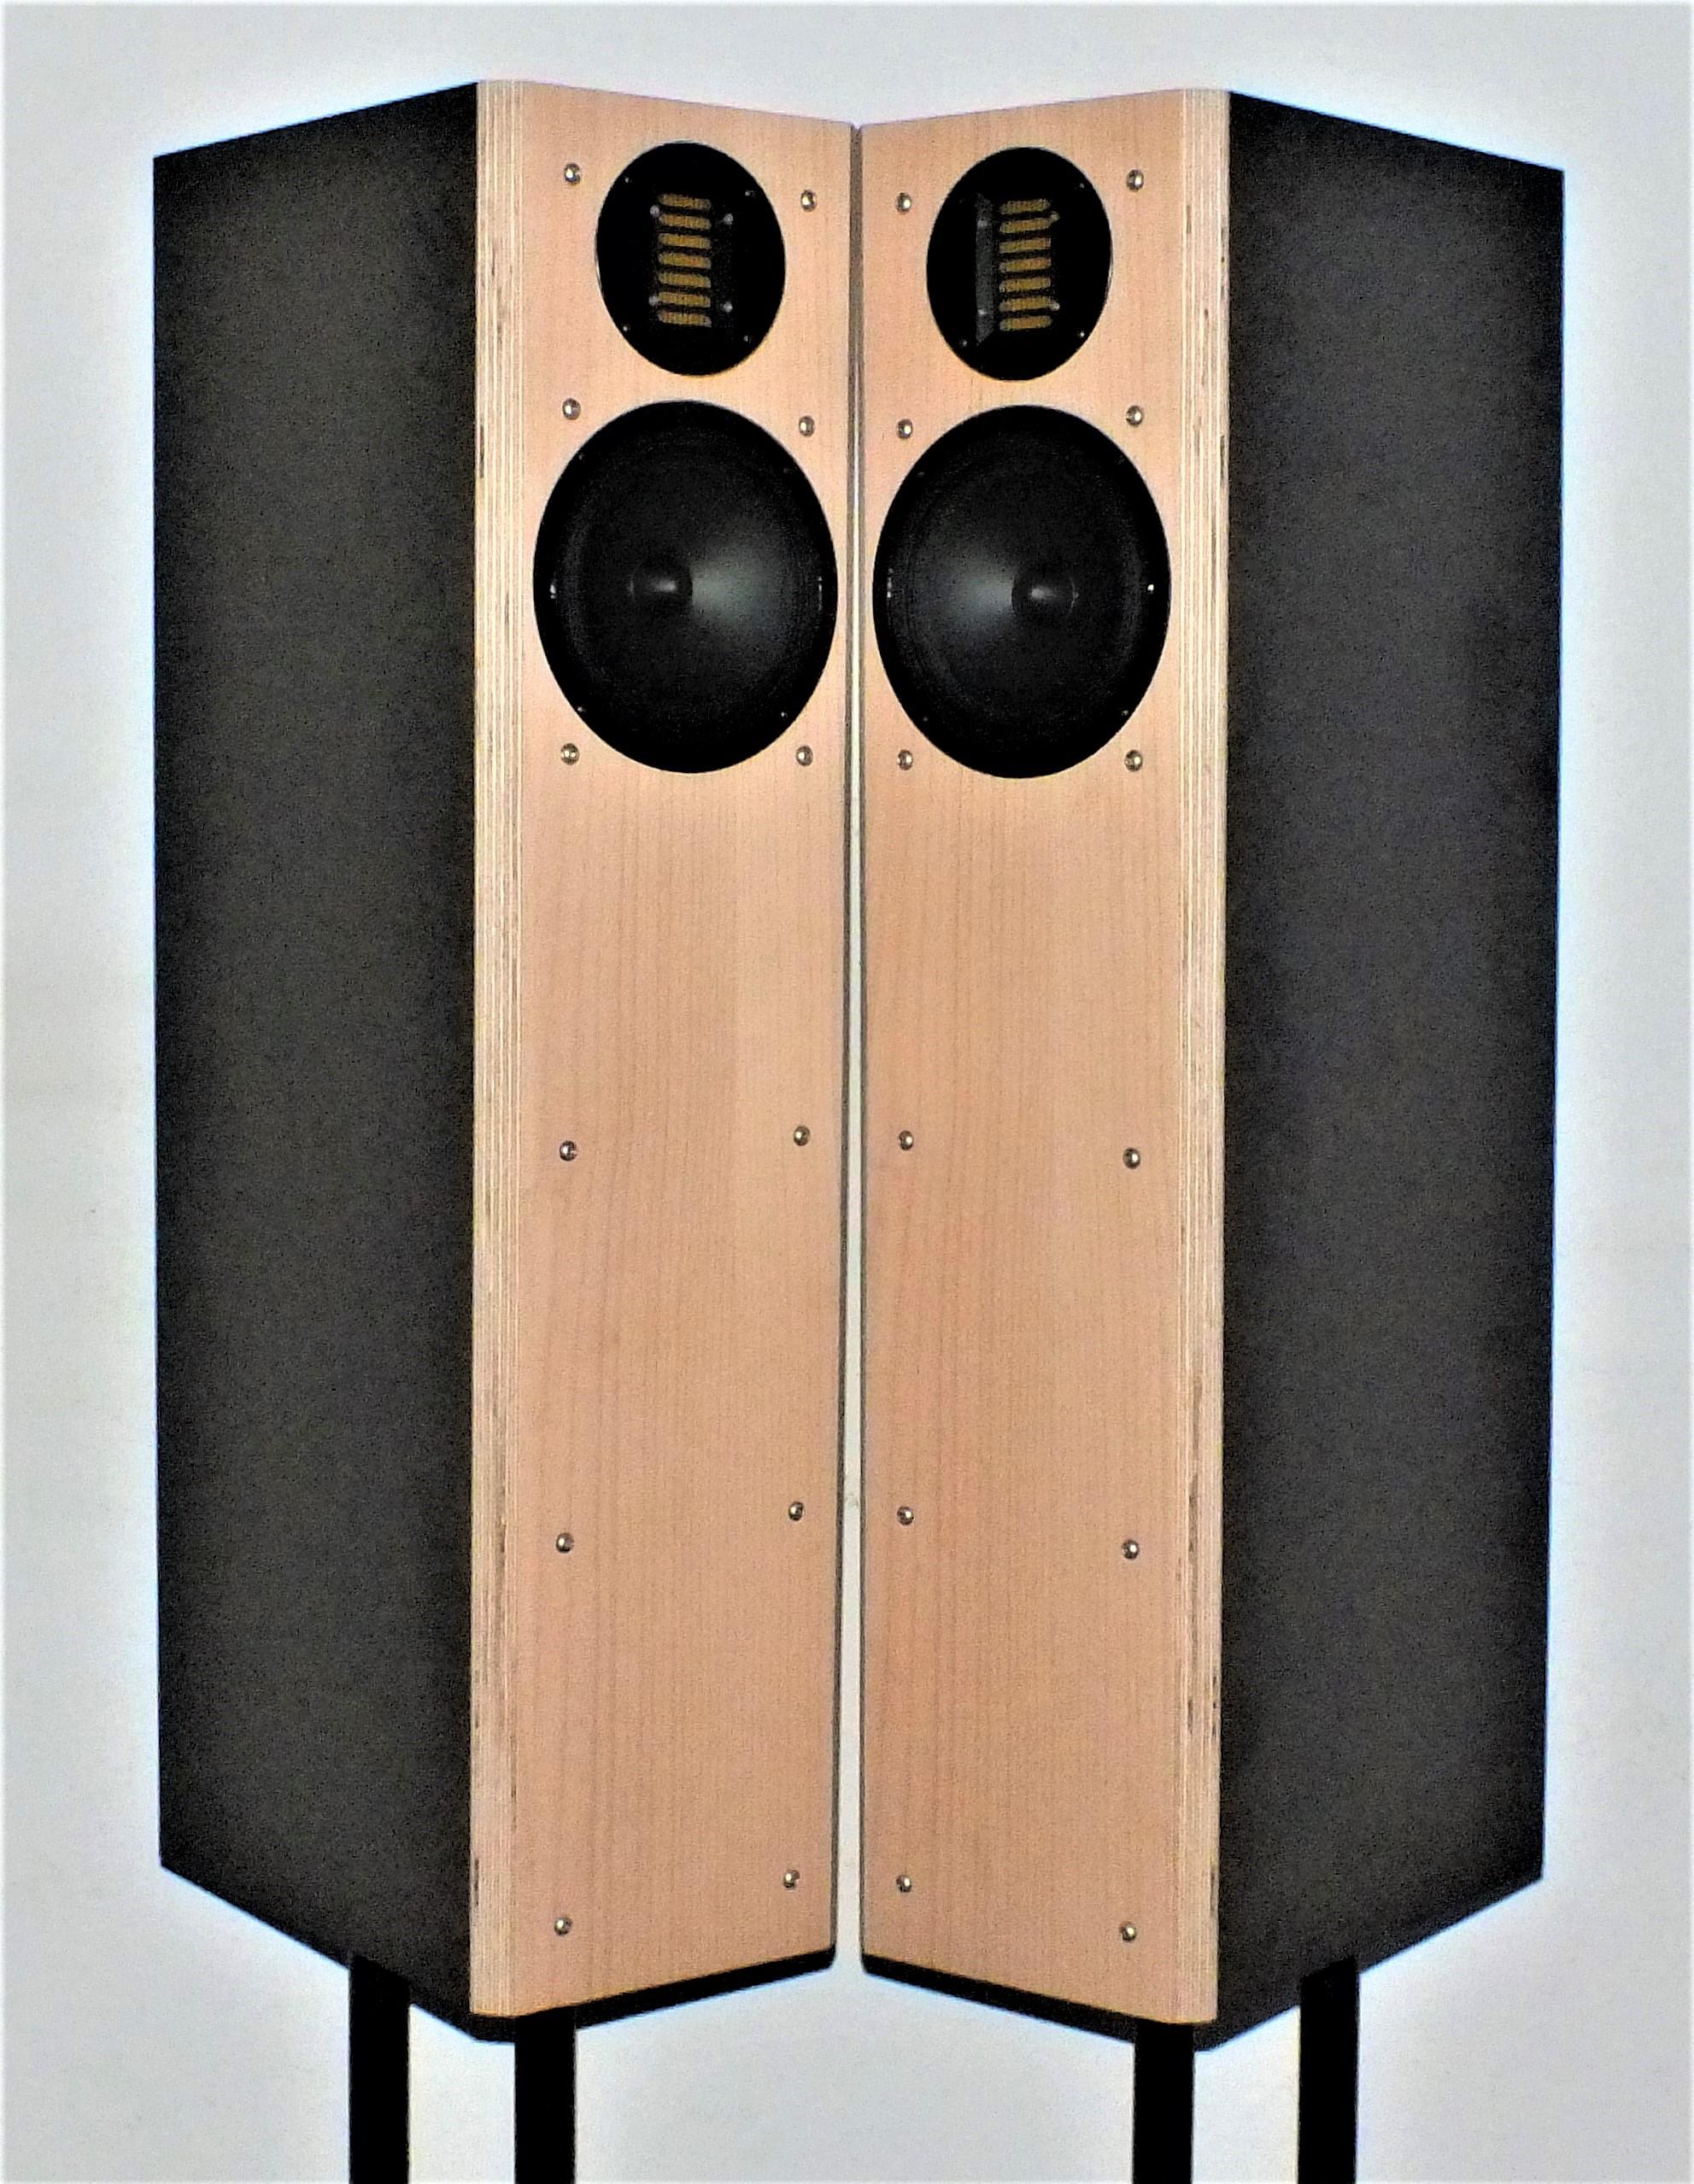 neu omnes audio emotion bausatz blue planet acoustic. Black Bedroom Furniture Sets. Home Design Ideas